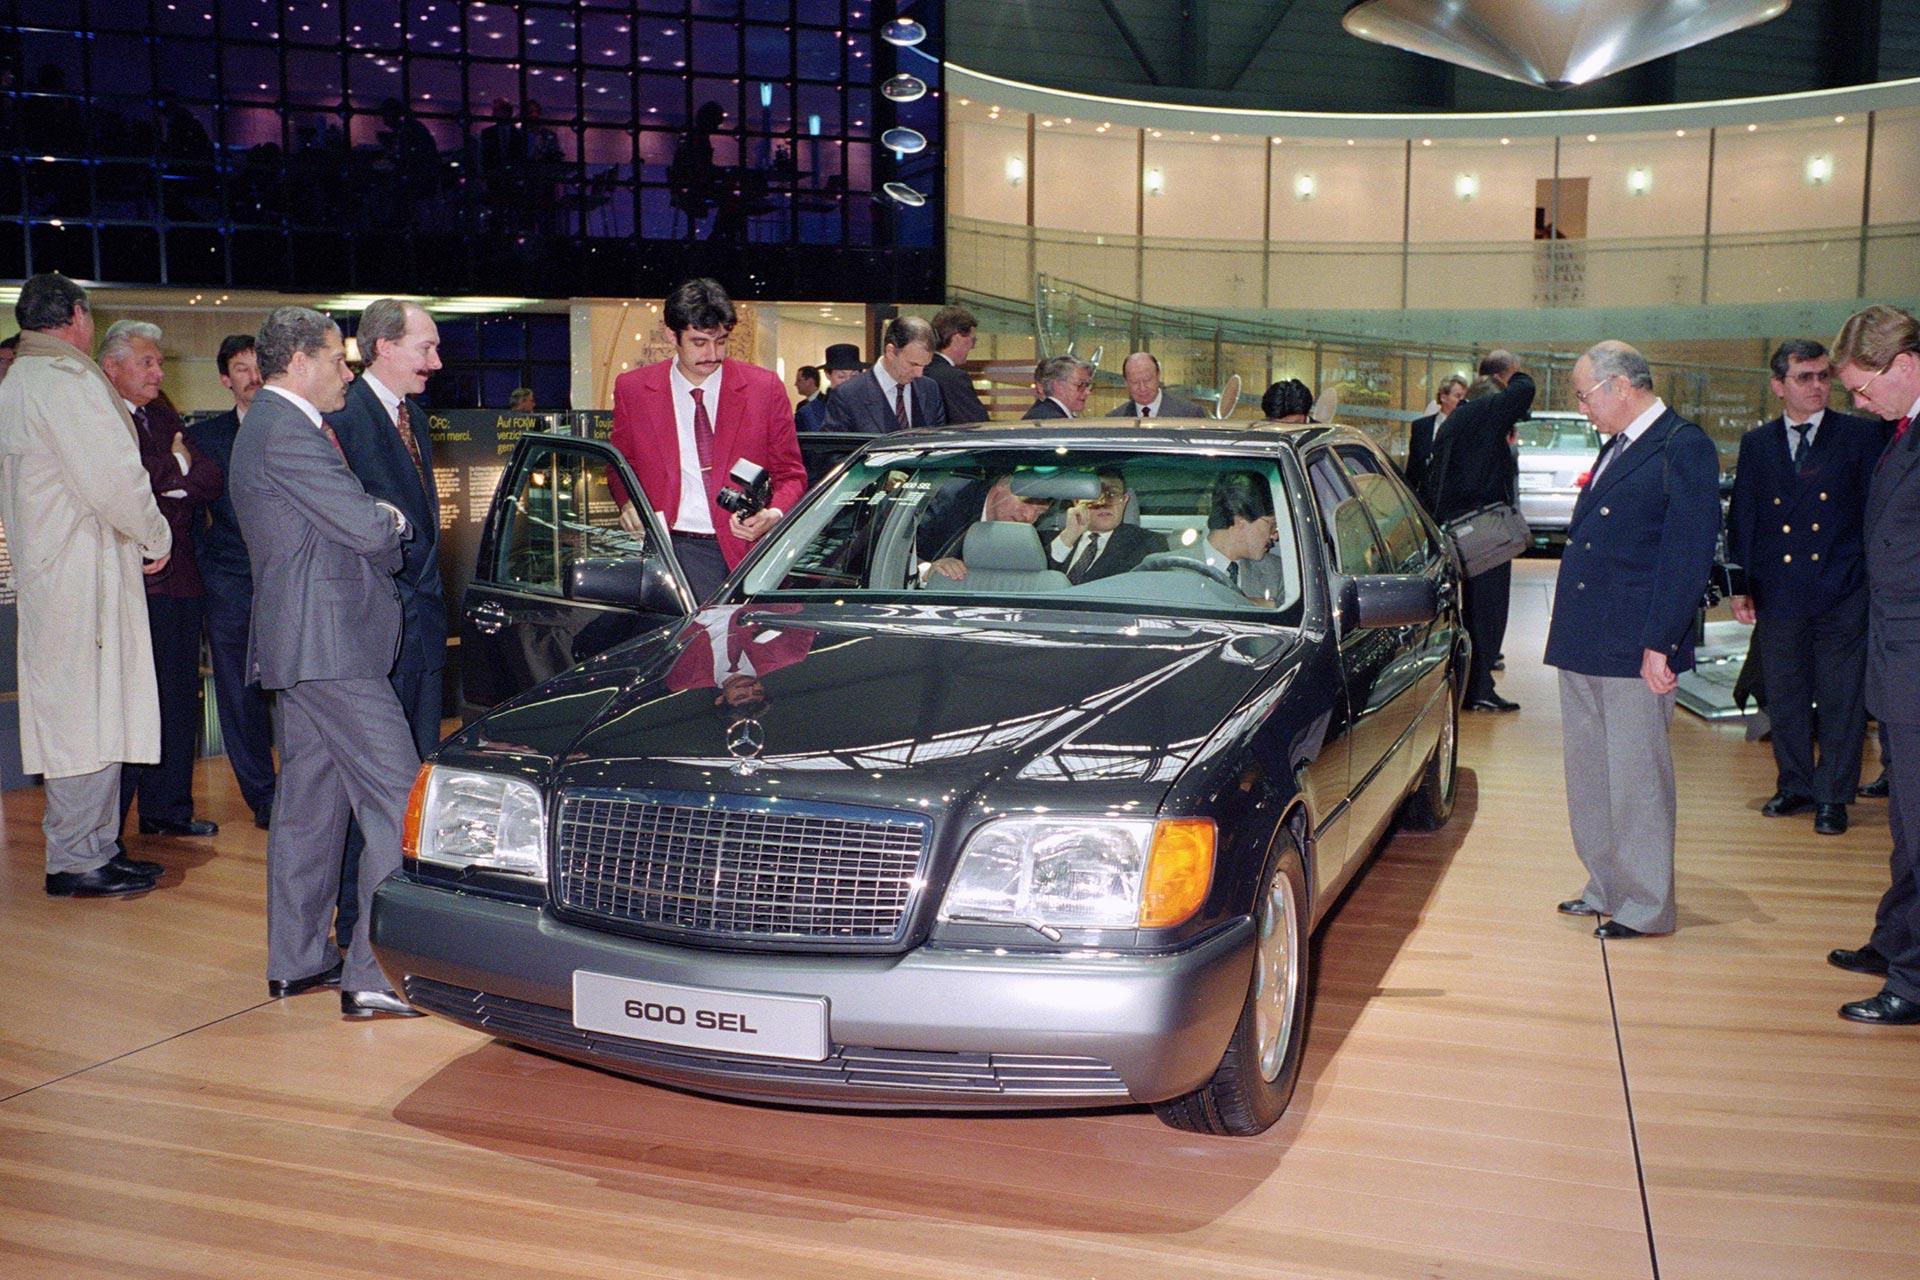 Mercedes-Benz S-Klasse (Baureihe 140). Die Limousine erlebt ihre Weltpremiere im Jahr 1991 auf dem Auto-Salon Genf. Das Foto zeigt einen 600 SEL mit Zwölfzylindermotor. Aufnahme aus dem Jahr 1991.